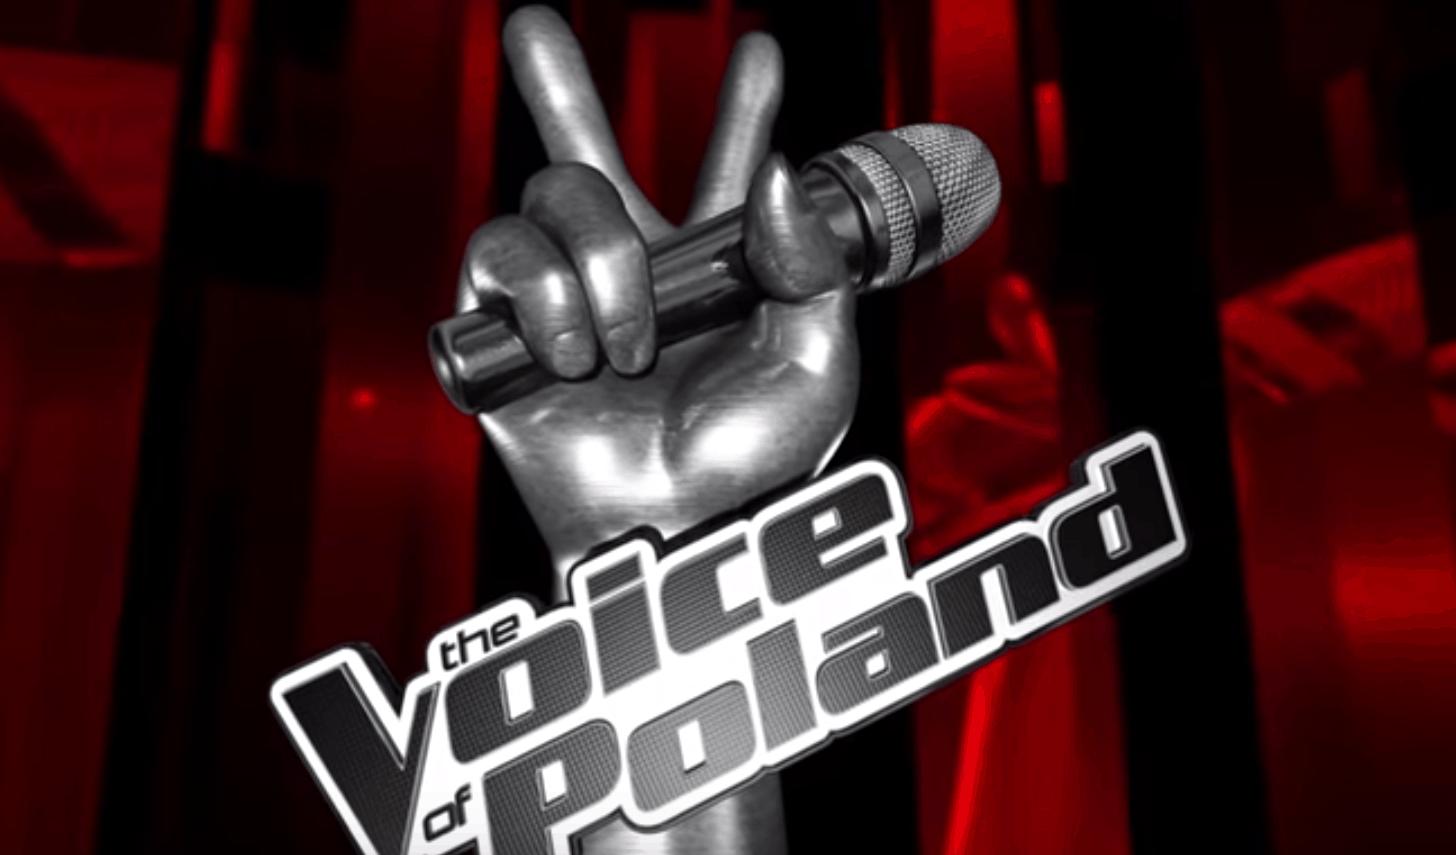 Nowe The Voice of Poland, tym razem to The Voice Senior, TVP na Facebook wyjawiła kiedy emisja. Prowadzącym nadal będzie Tomasz Kammel